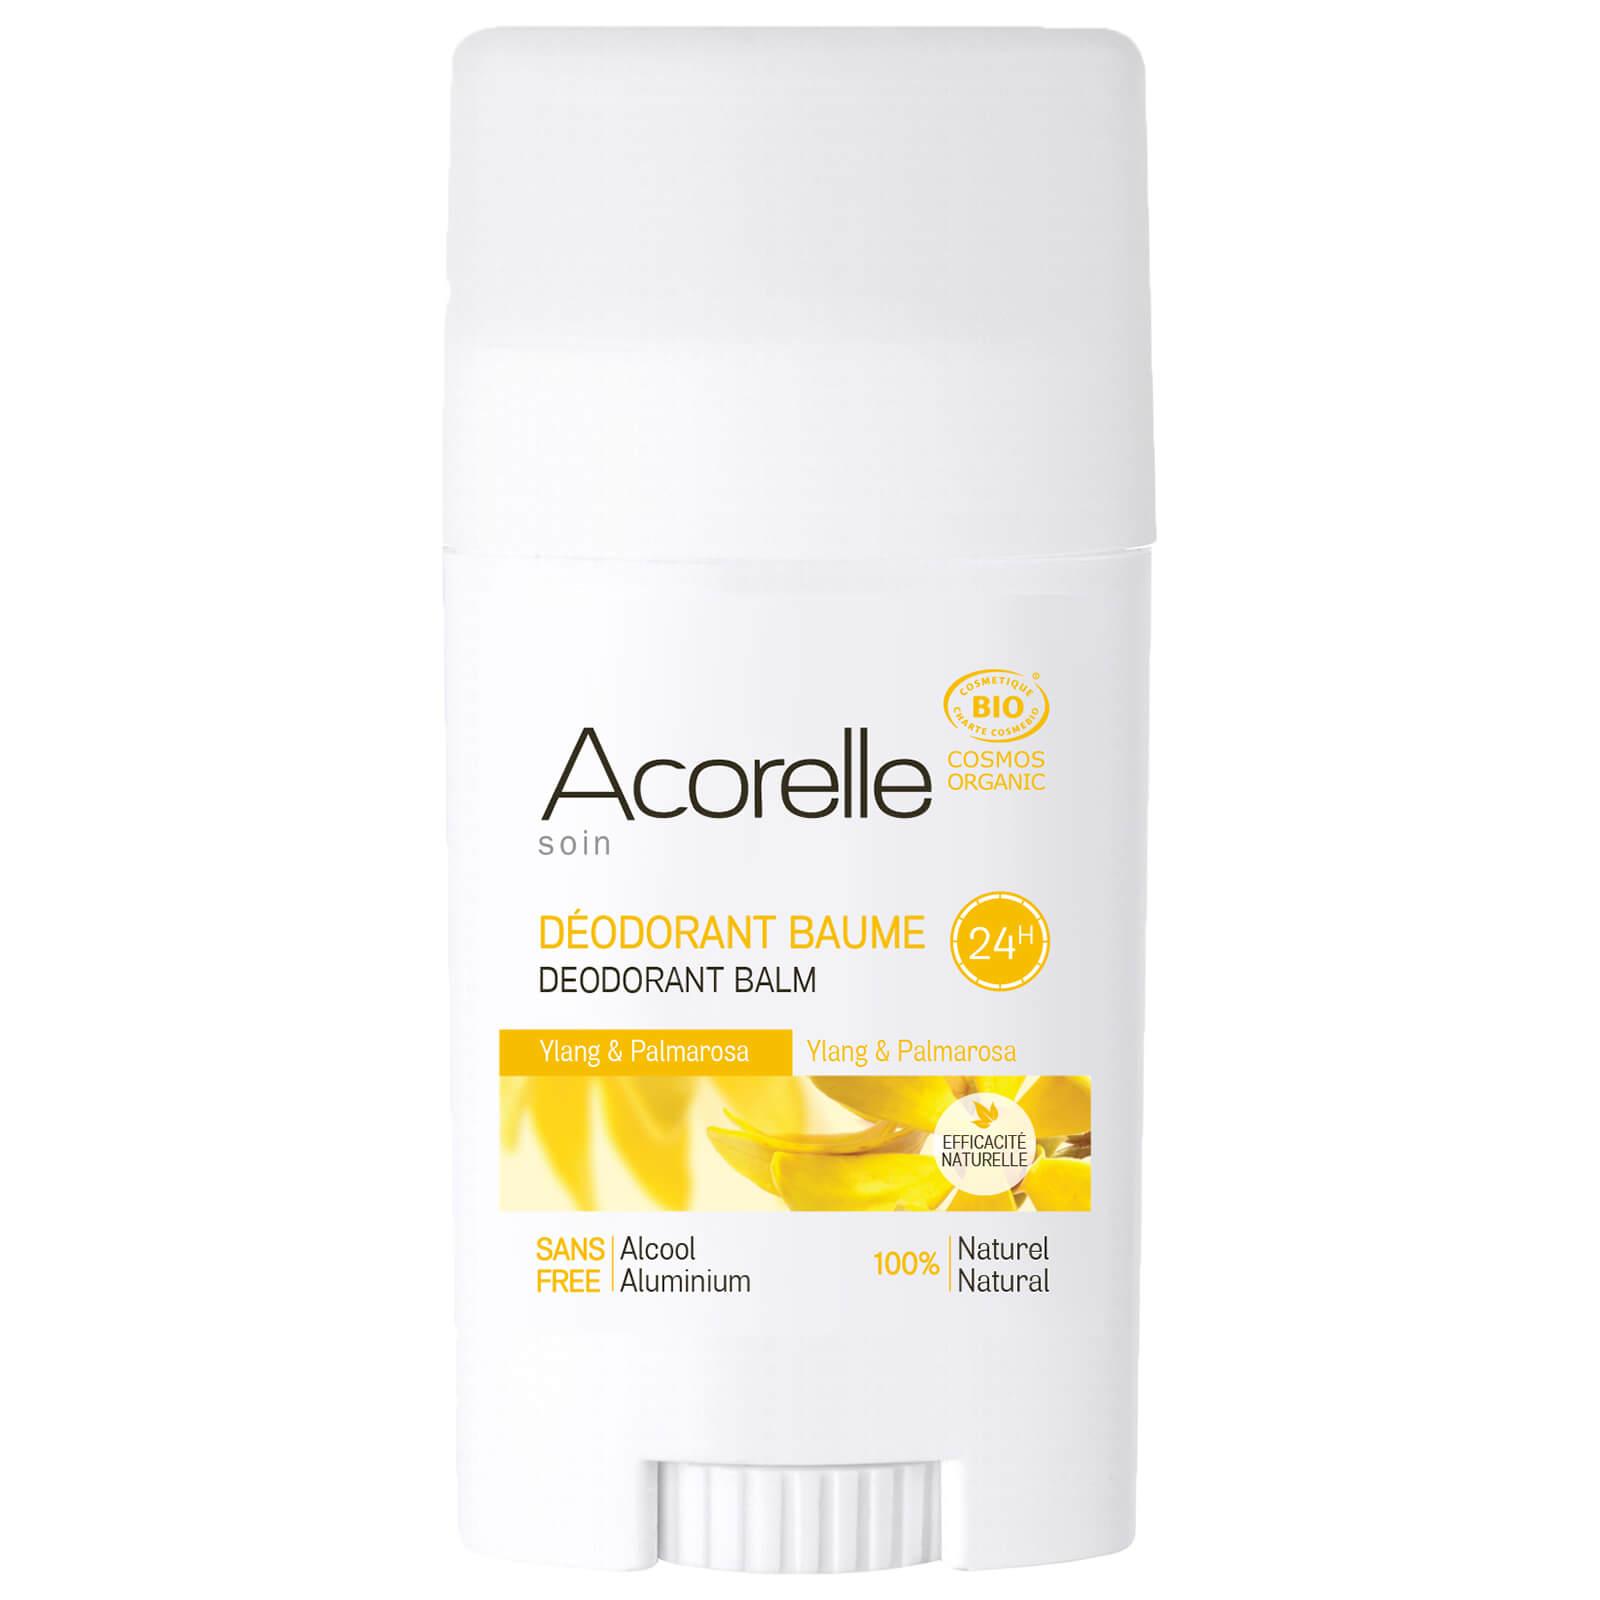 acorelle deodorante  Acorelle balsamo deodorante bio ylang ylang e palmarosa 40 g ...